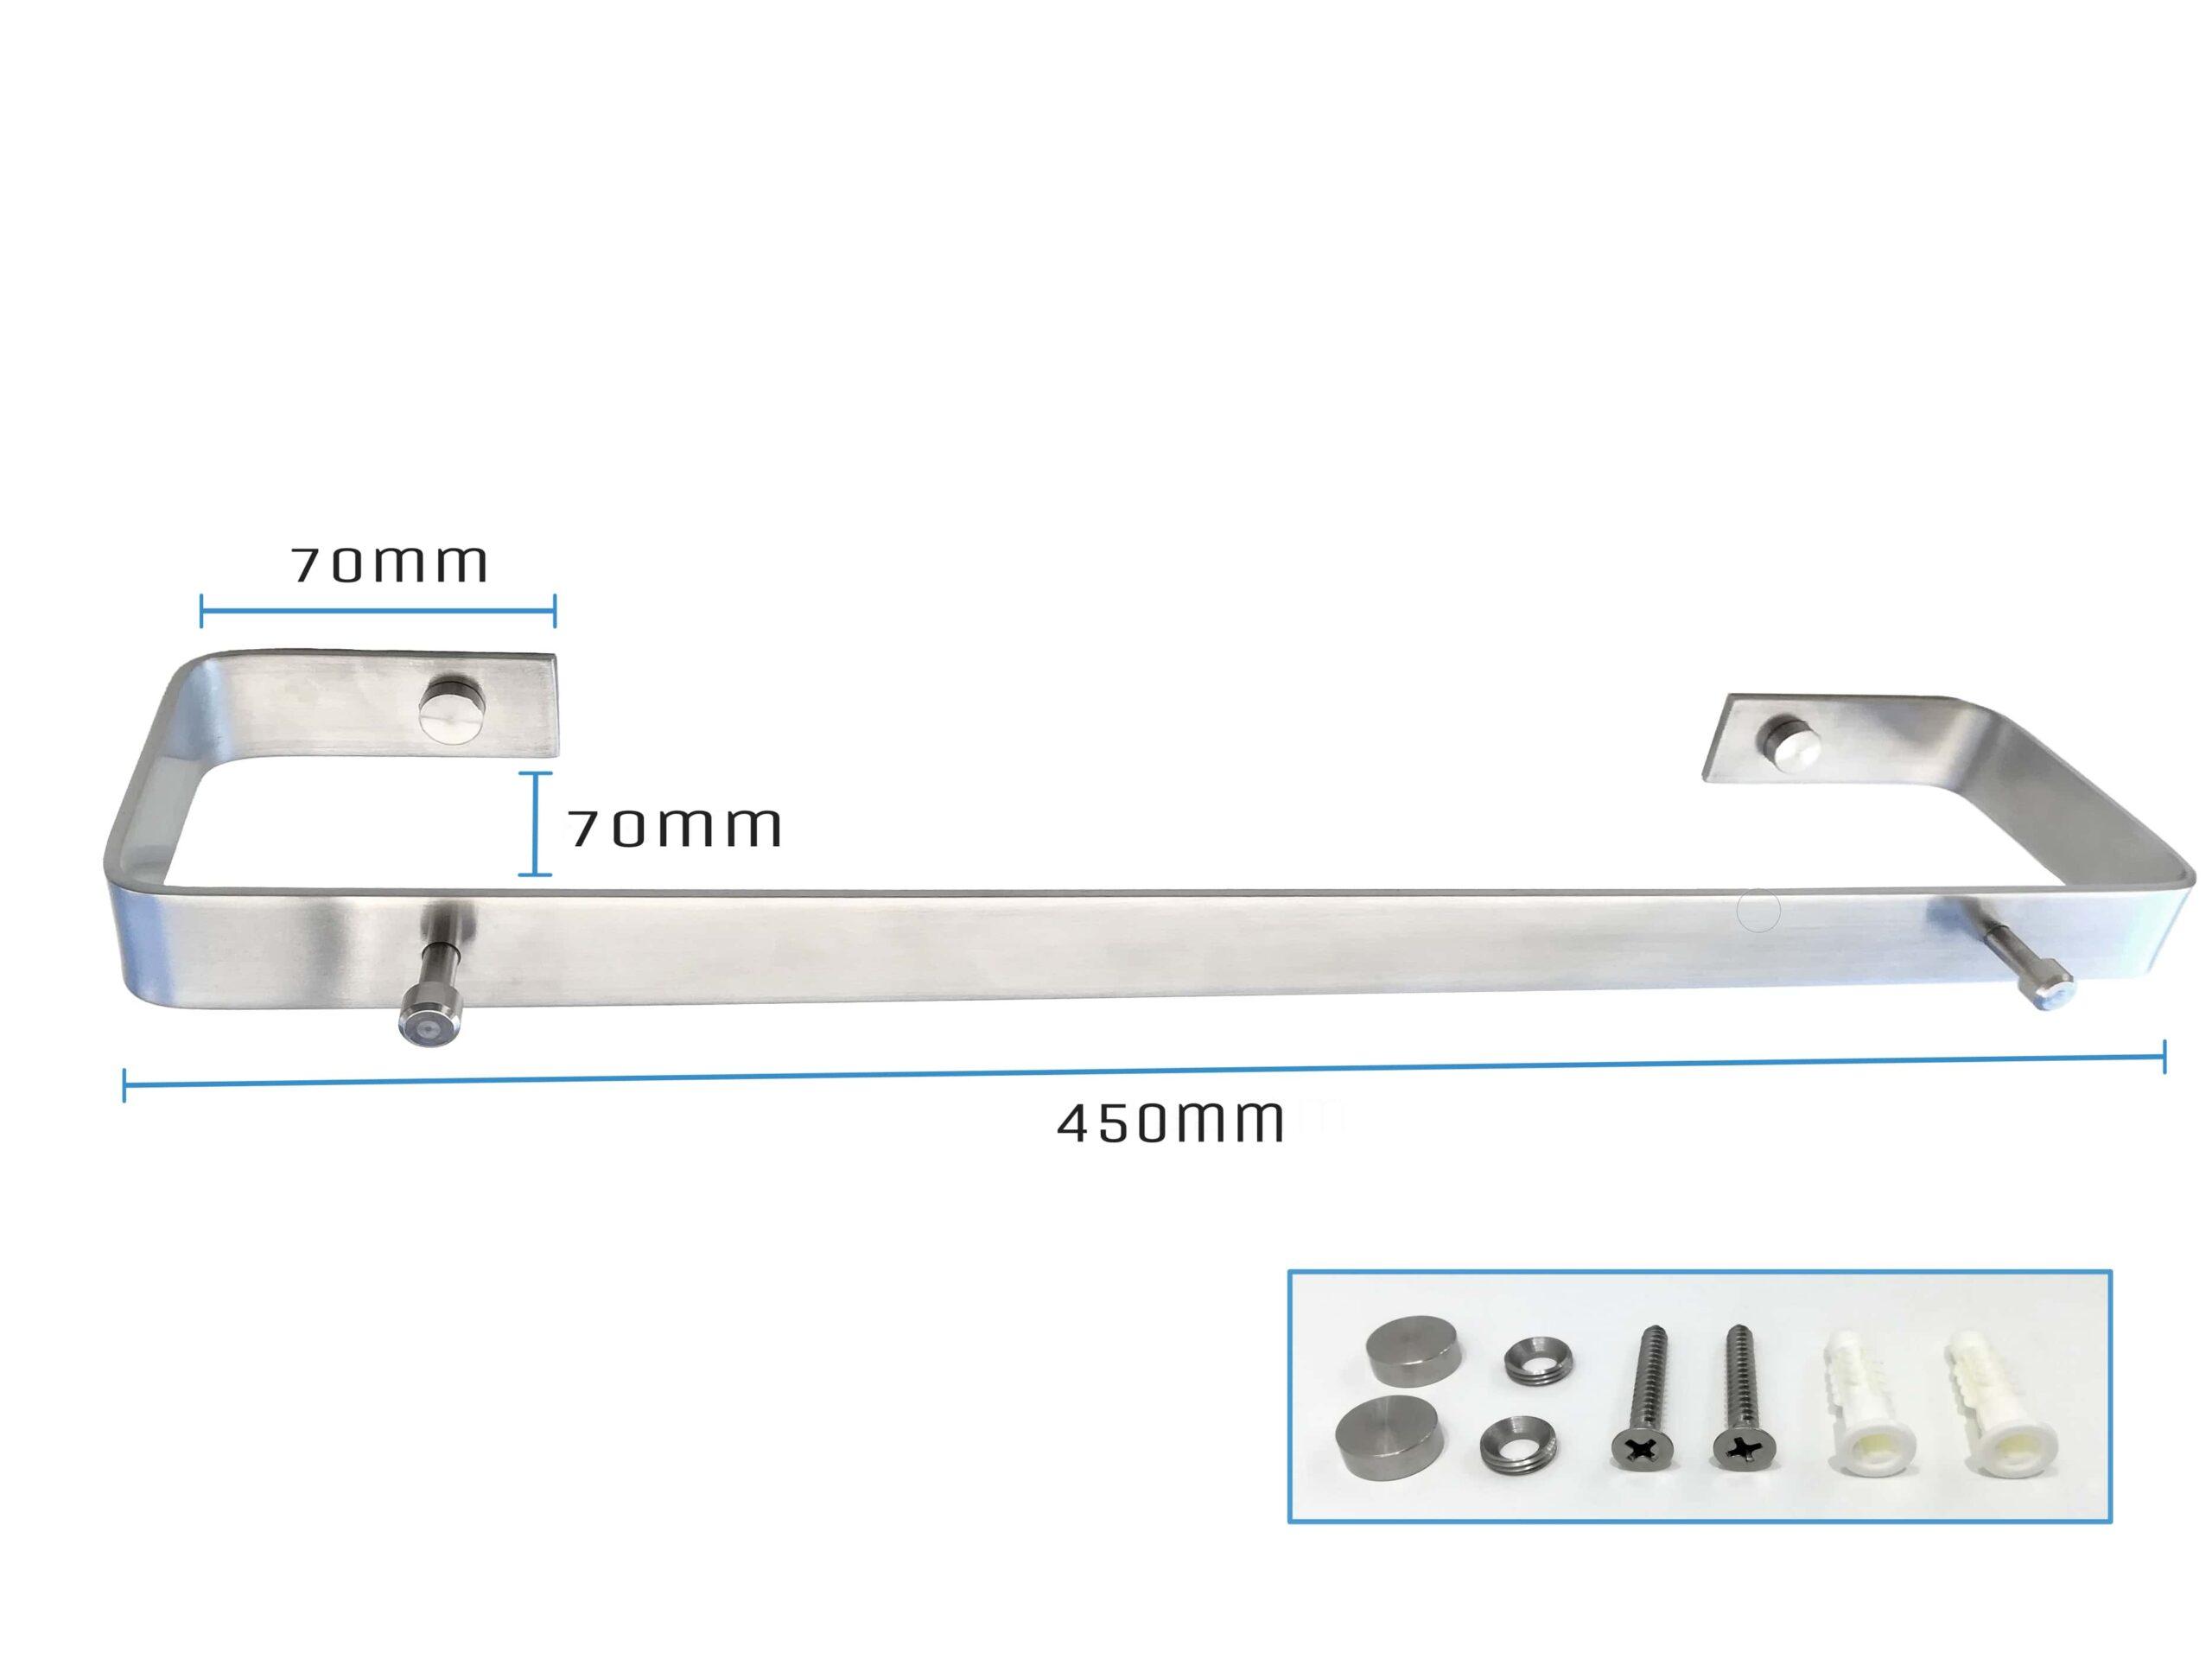 Full Size of Weisse Landhausküche Küche Finanzieren Spritzschutz Plexiglas Waschbecken Weiß Ikea Miniküche Kaufen Mit Elektrogeräten Nischenrückwand Edelstahlküche Wohnzimmer Handtuch Halter Küche